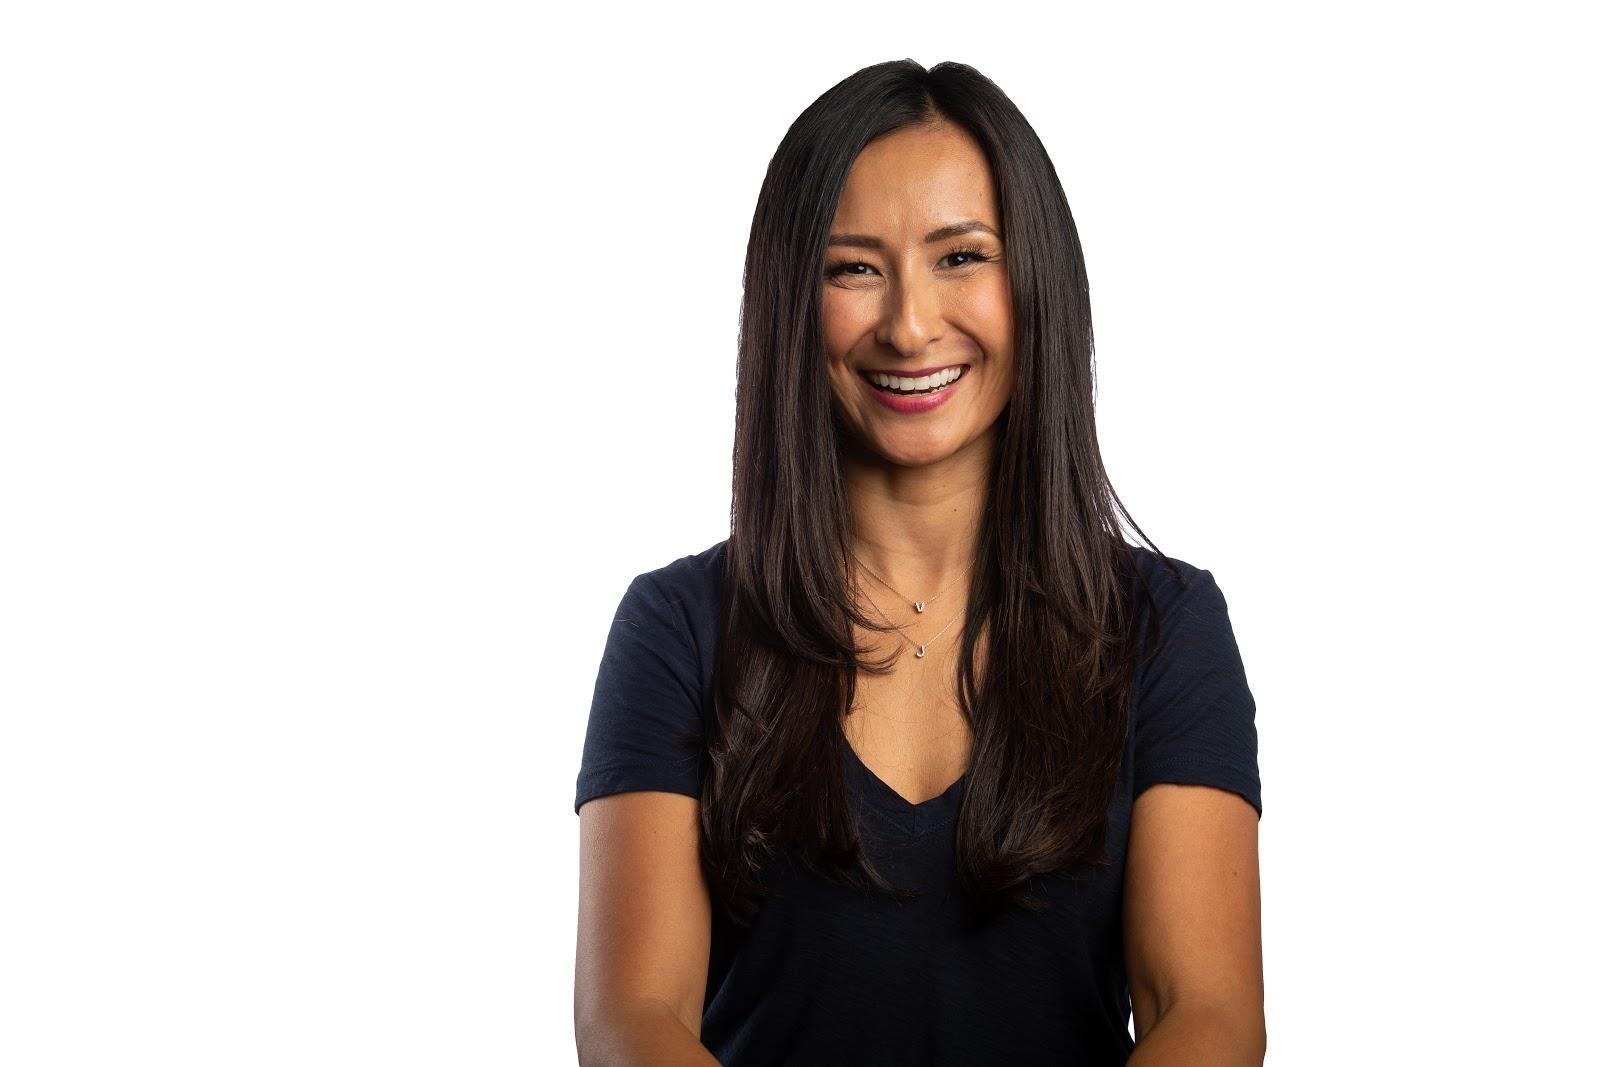 Dr. Jenelle Kim